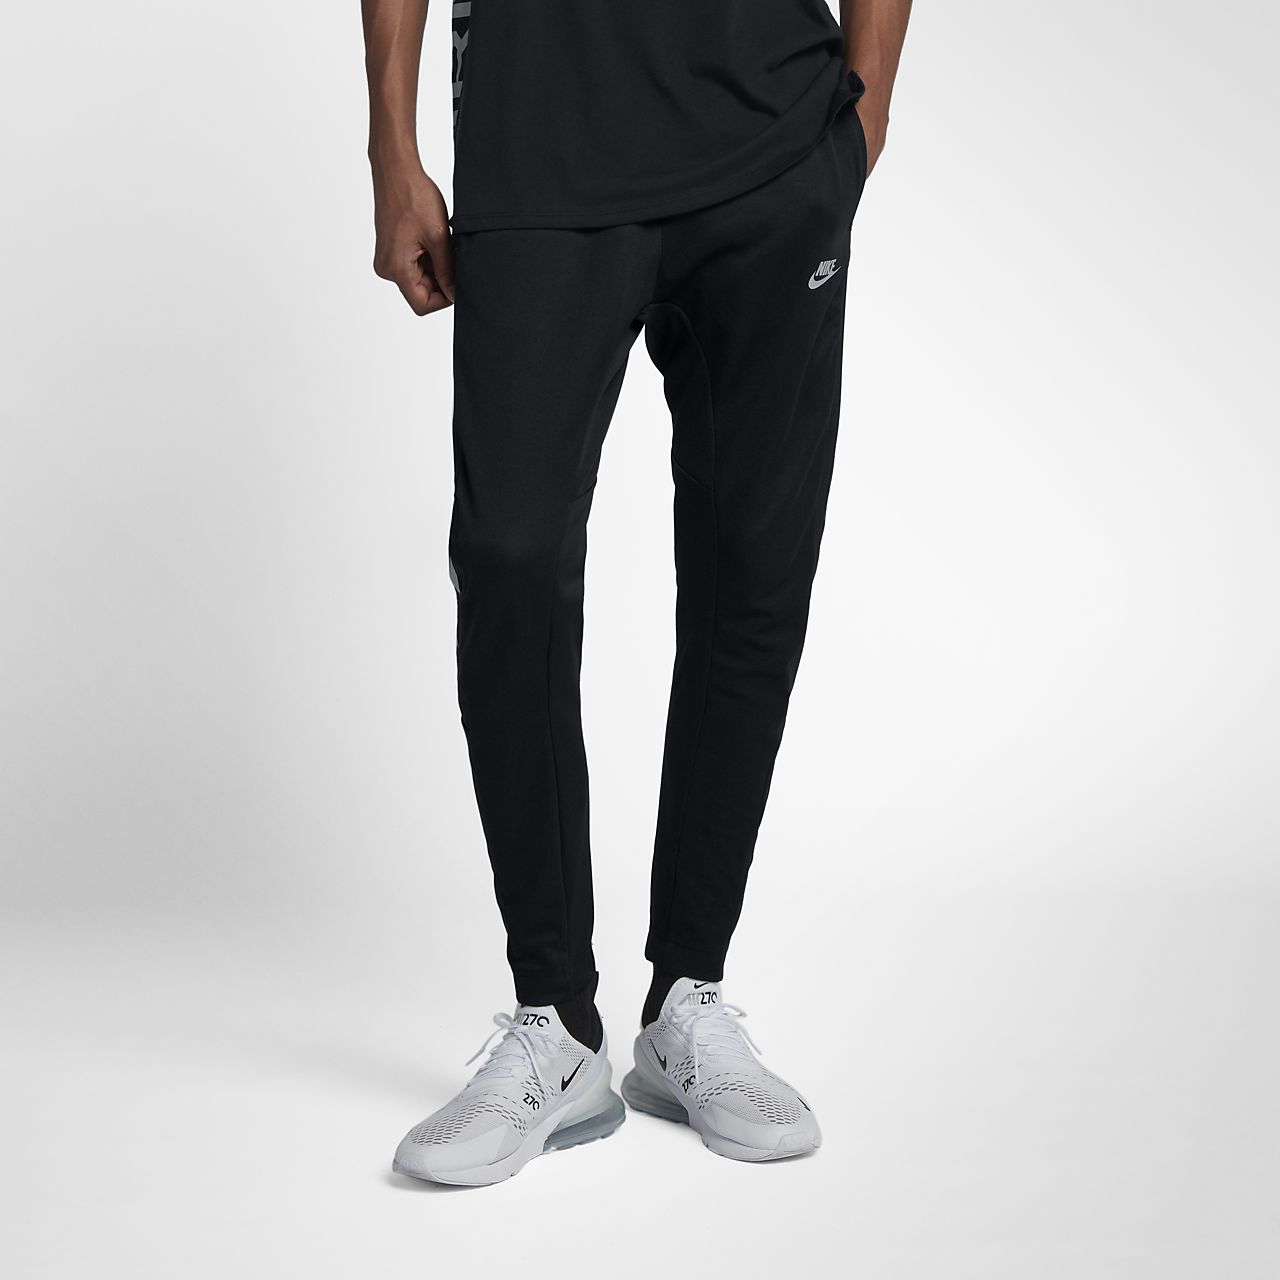 nike sportswear air max